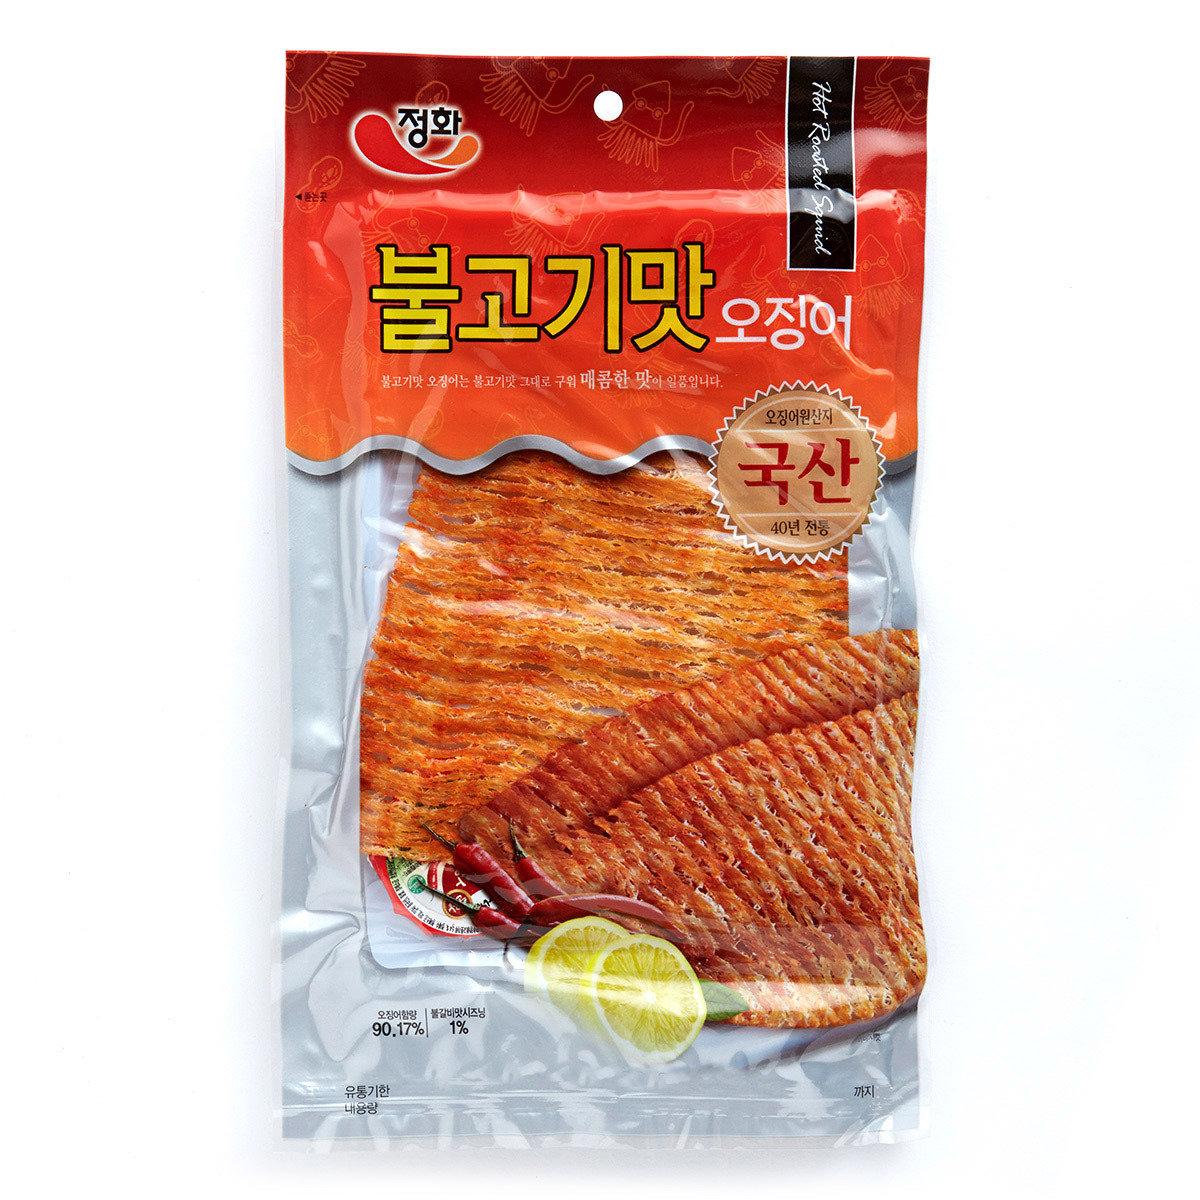 韓國烤魷魚片 - 辛辣味 (附辣椒醬)